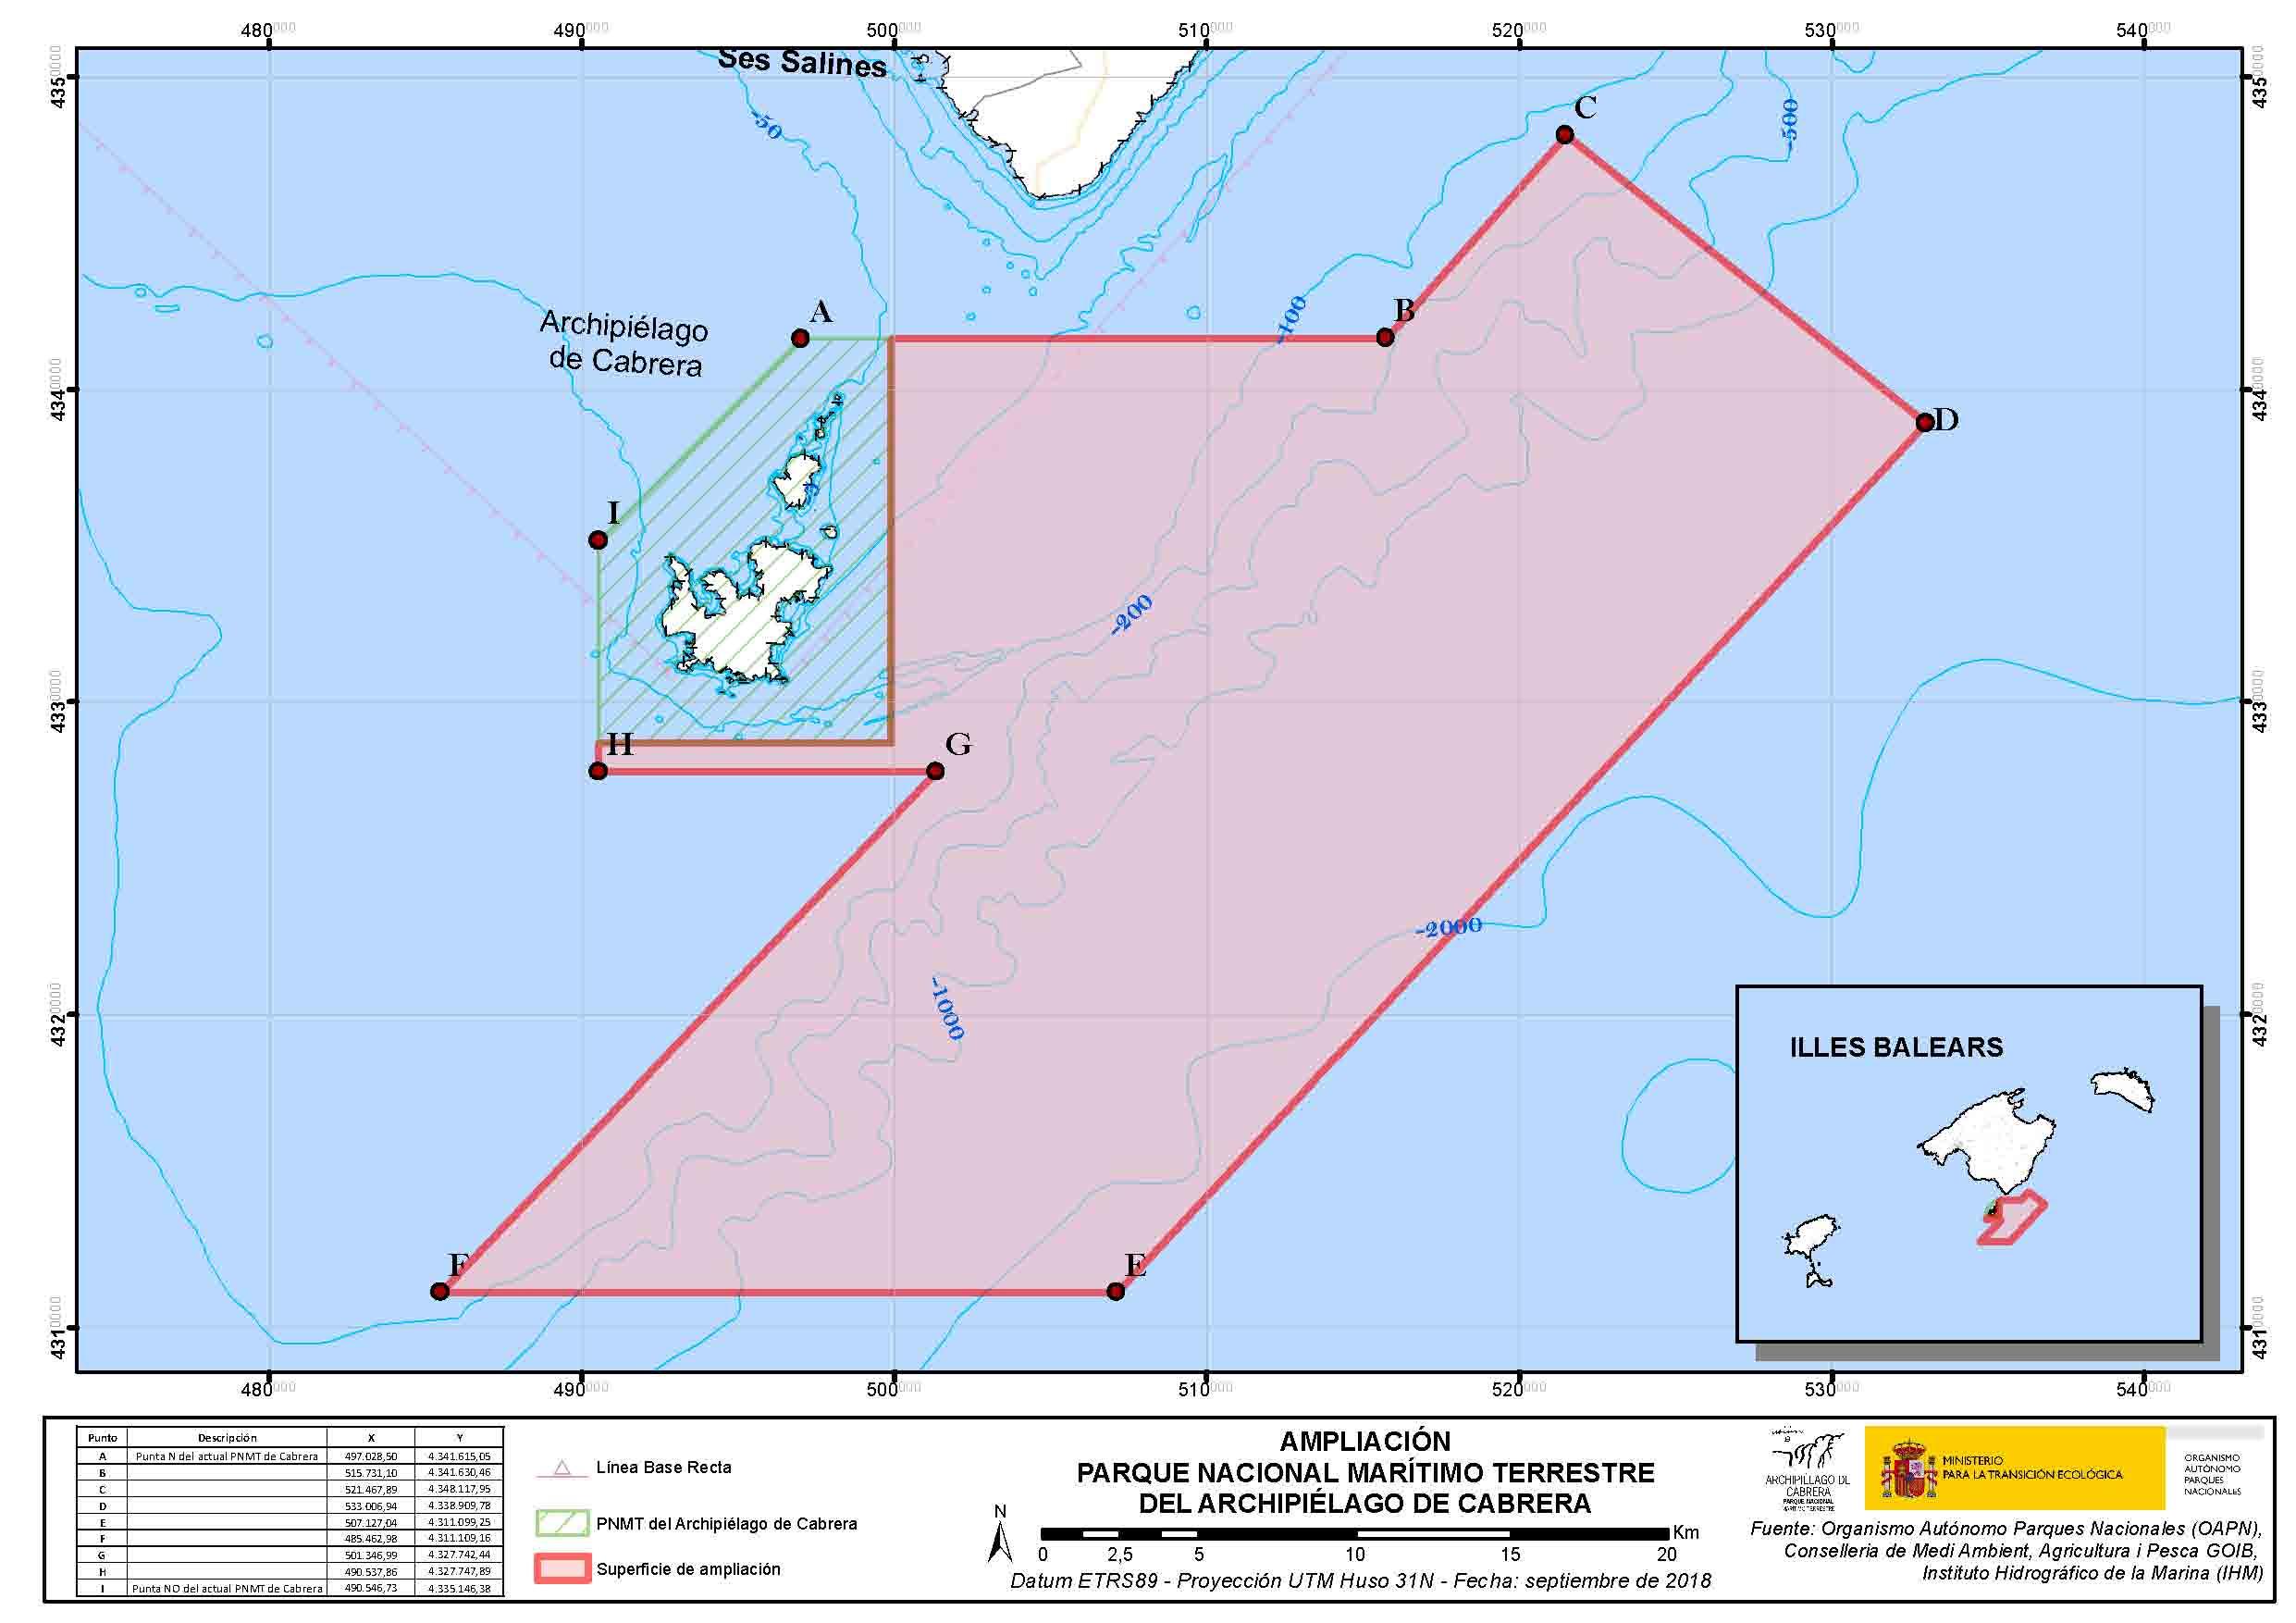 Isla De Cabrera Mapa.Espacios Naturales Protegidos Parque Nacional Maritimo